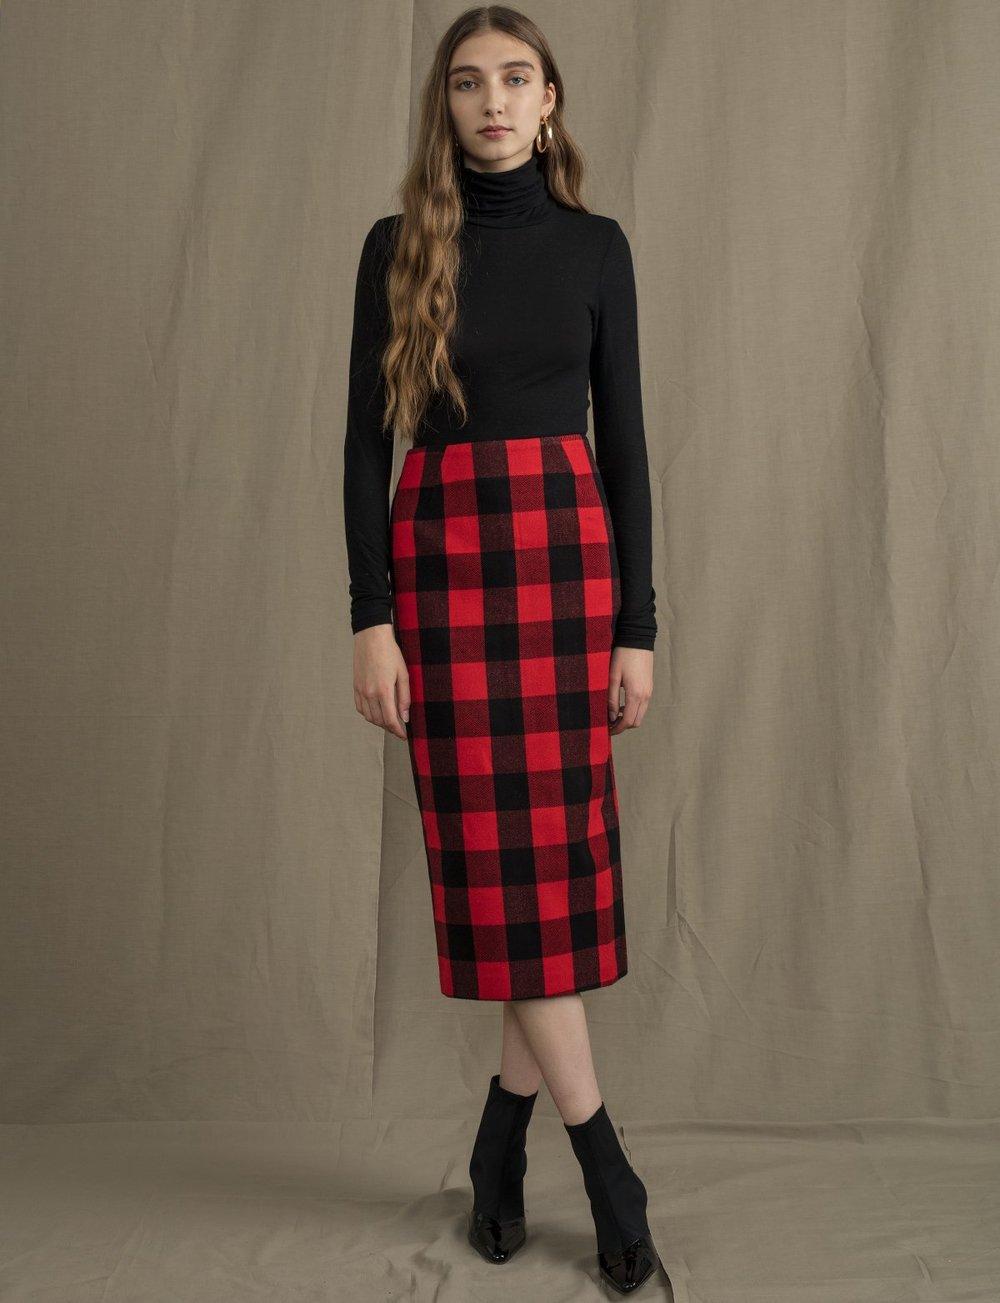 Red Plaid Pencil Skirt, $92